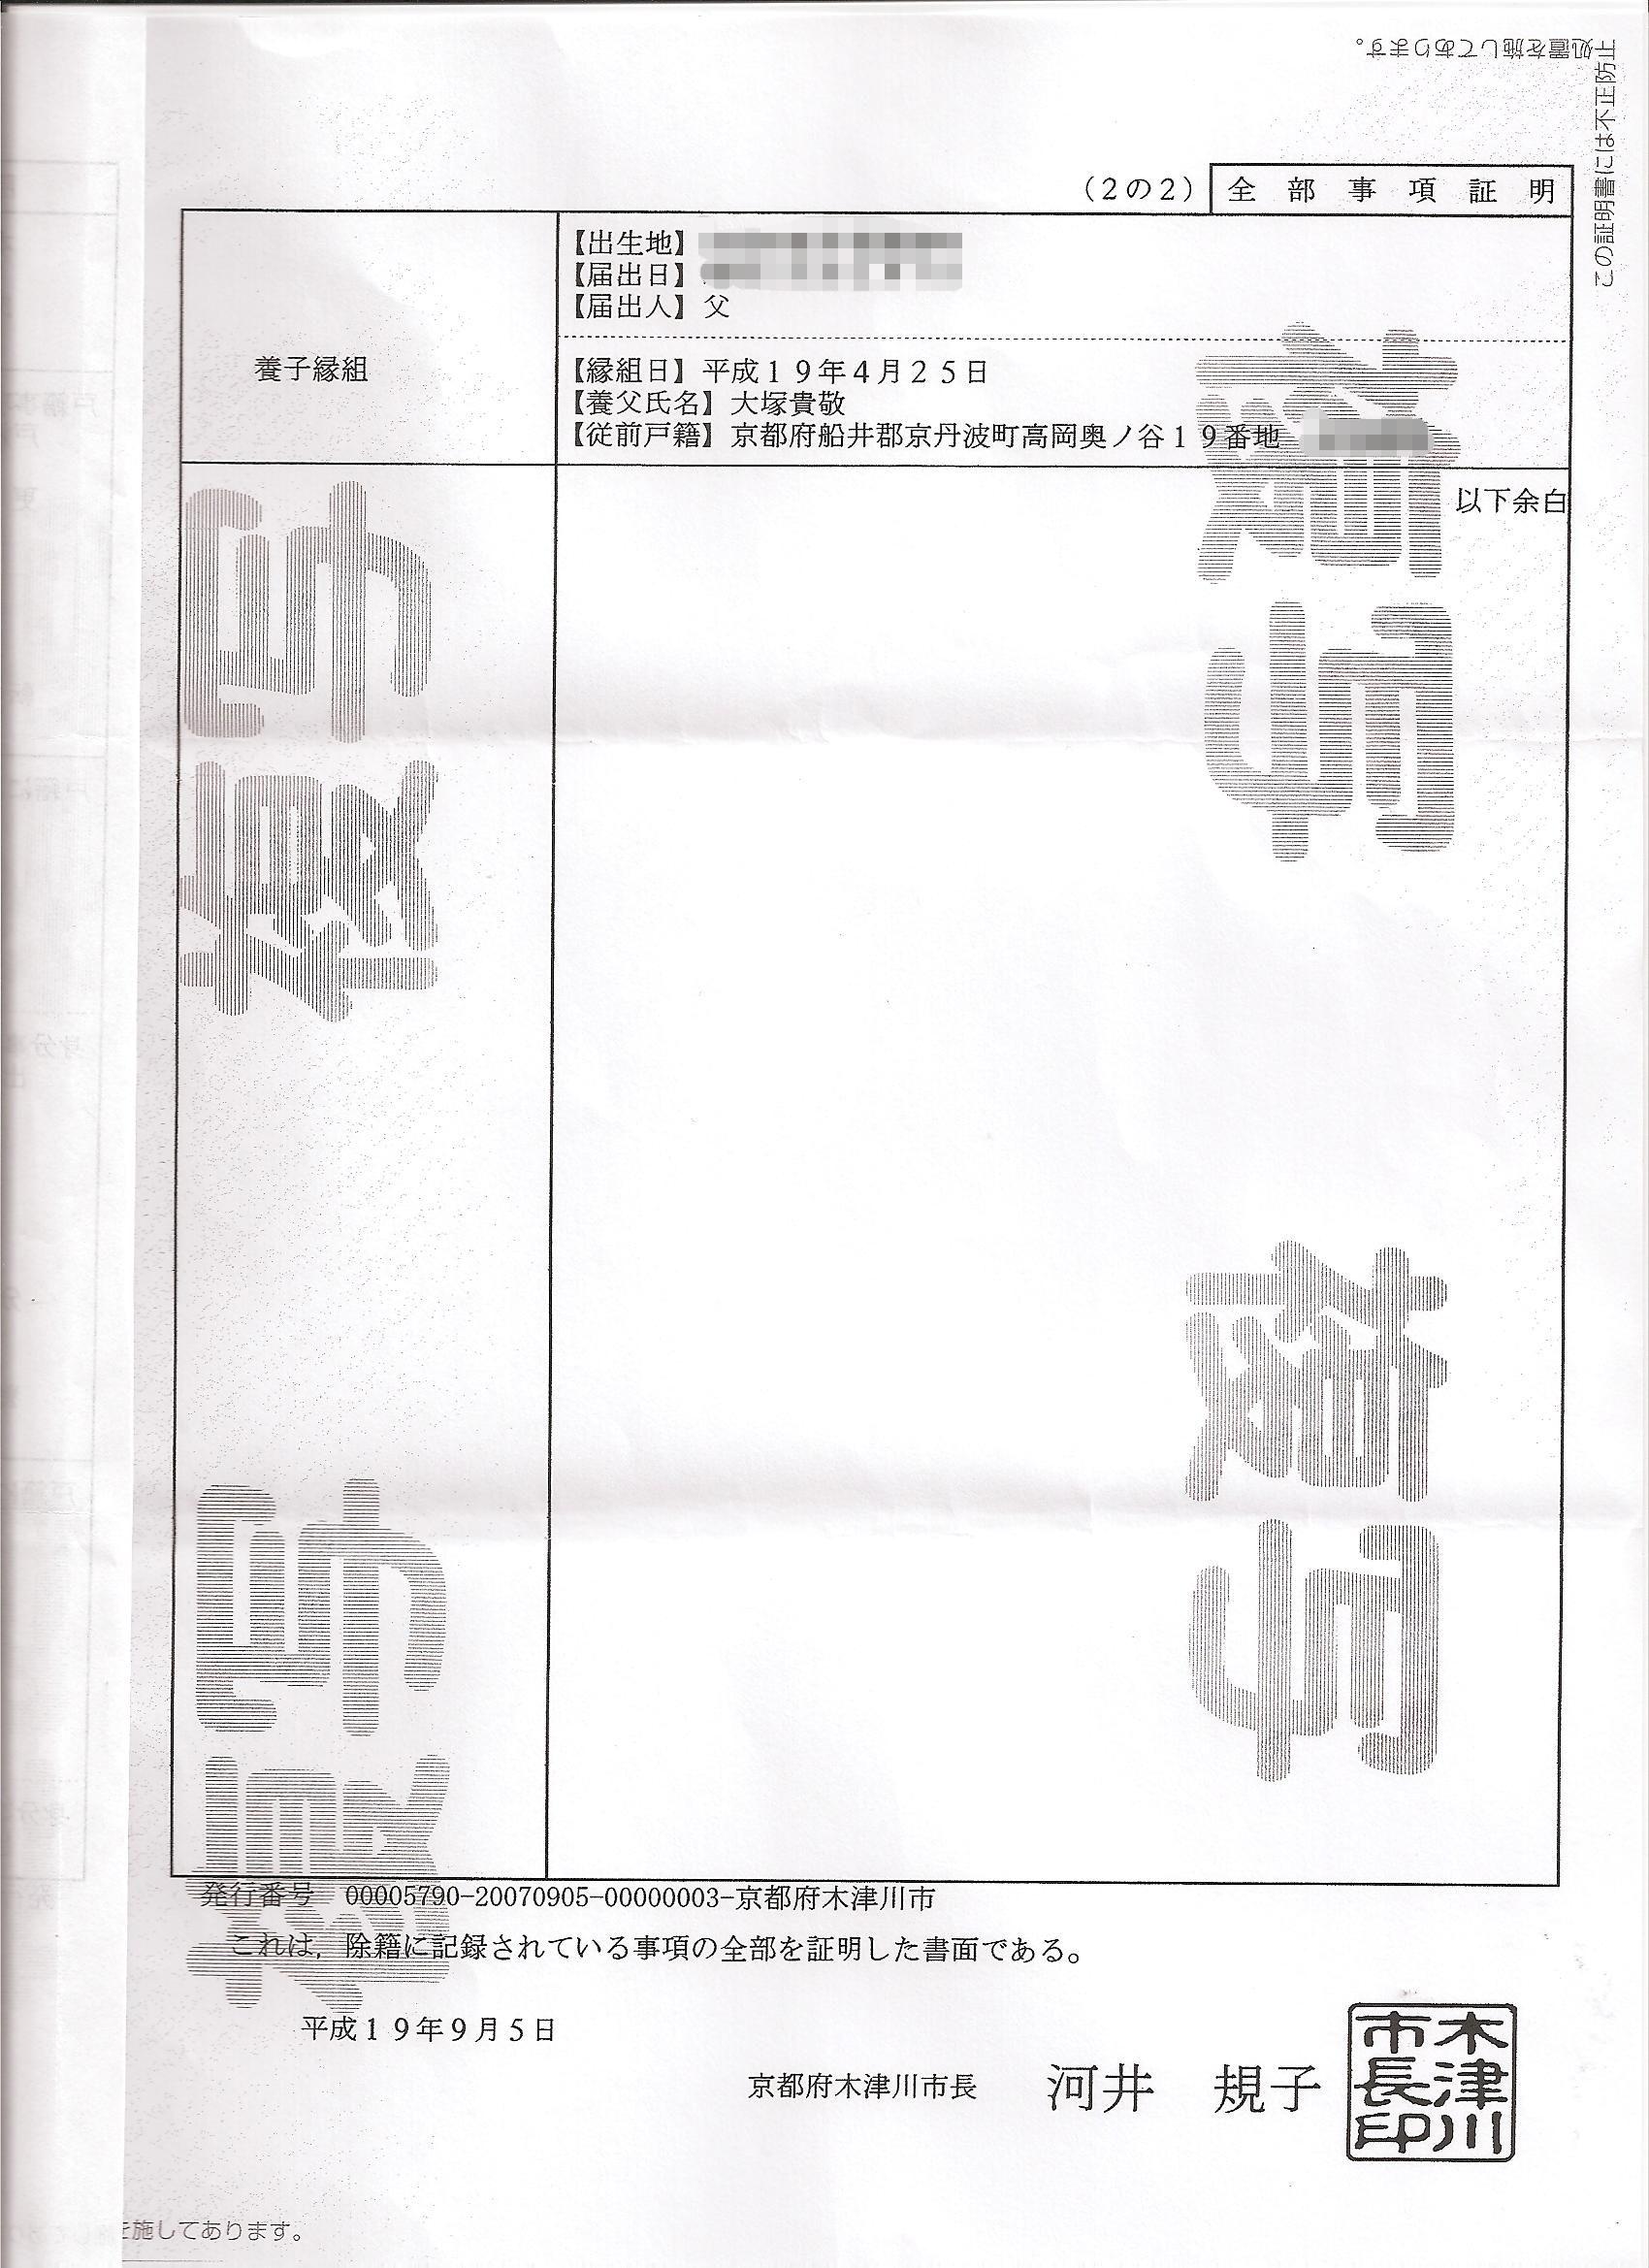 otuka0726-2.JPG